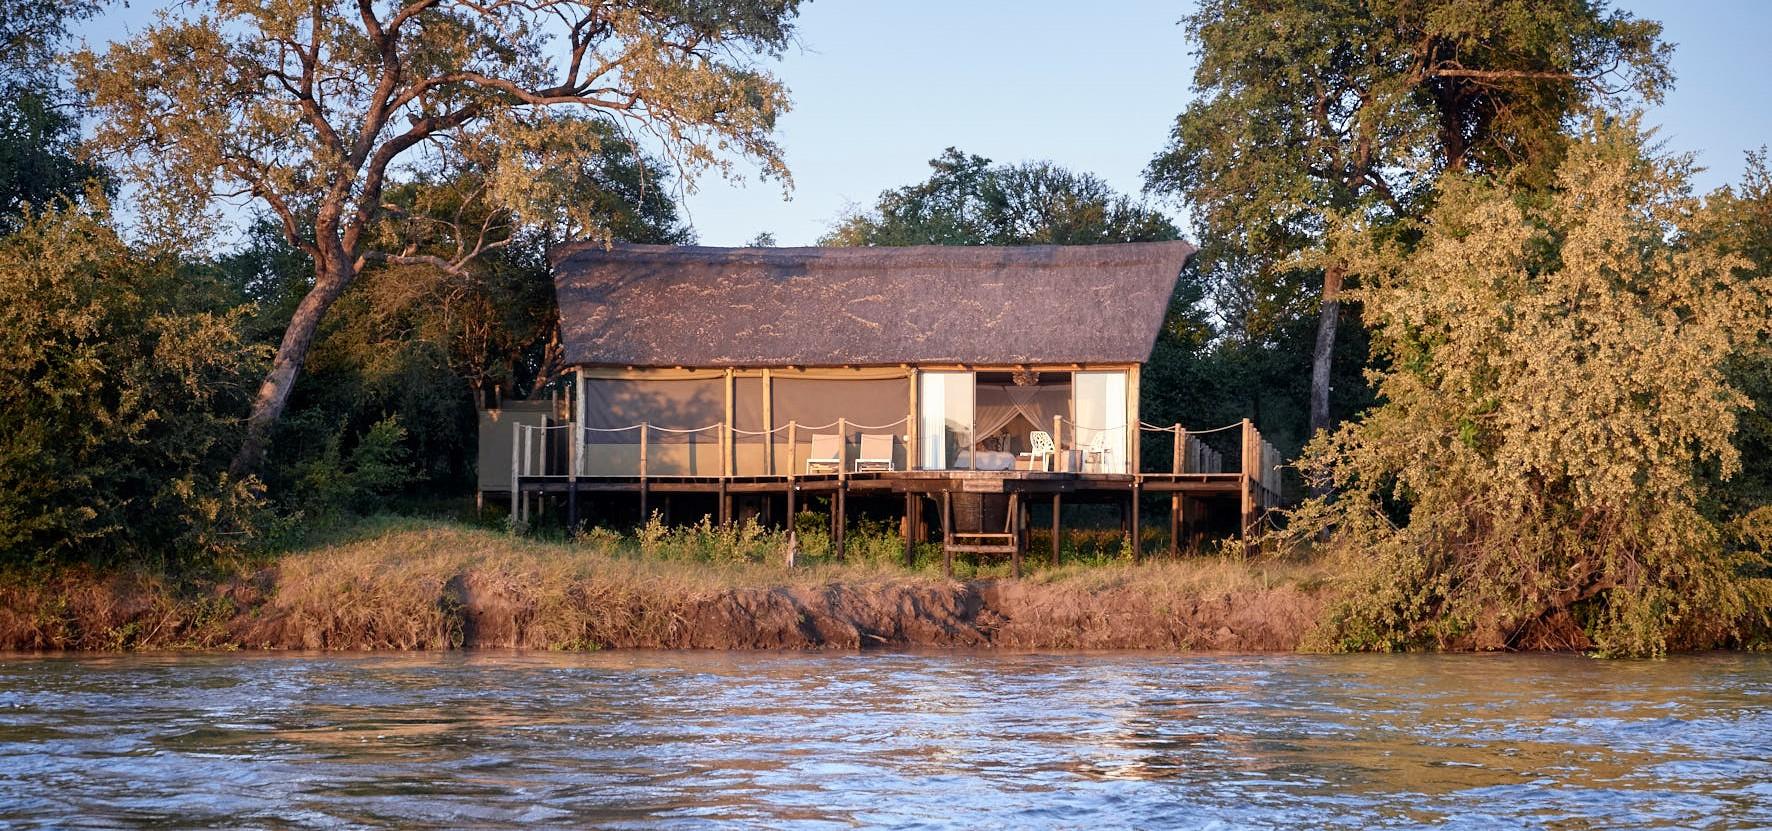 zambezi-river-lodge-luxury-tent-zimbabwe